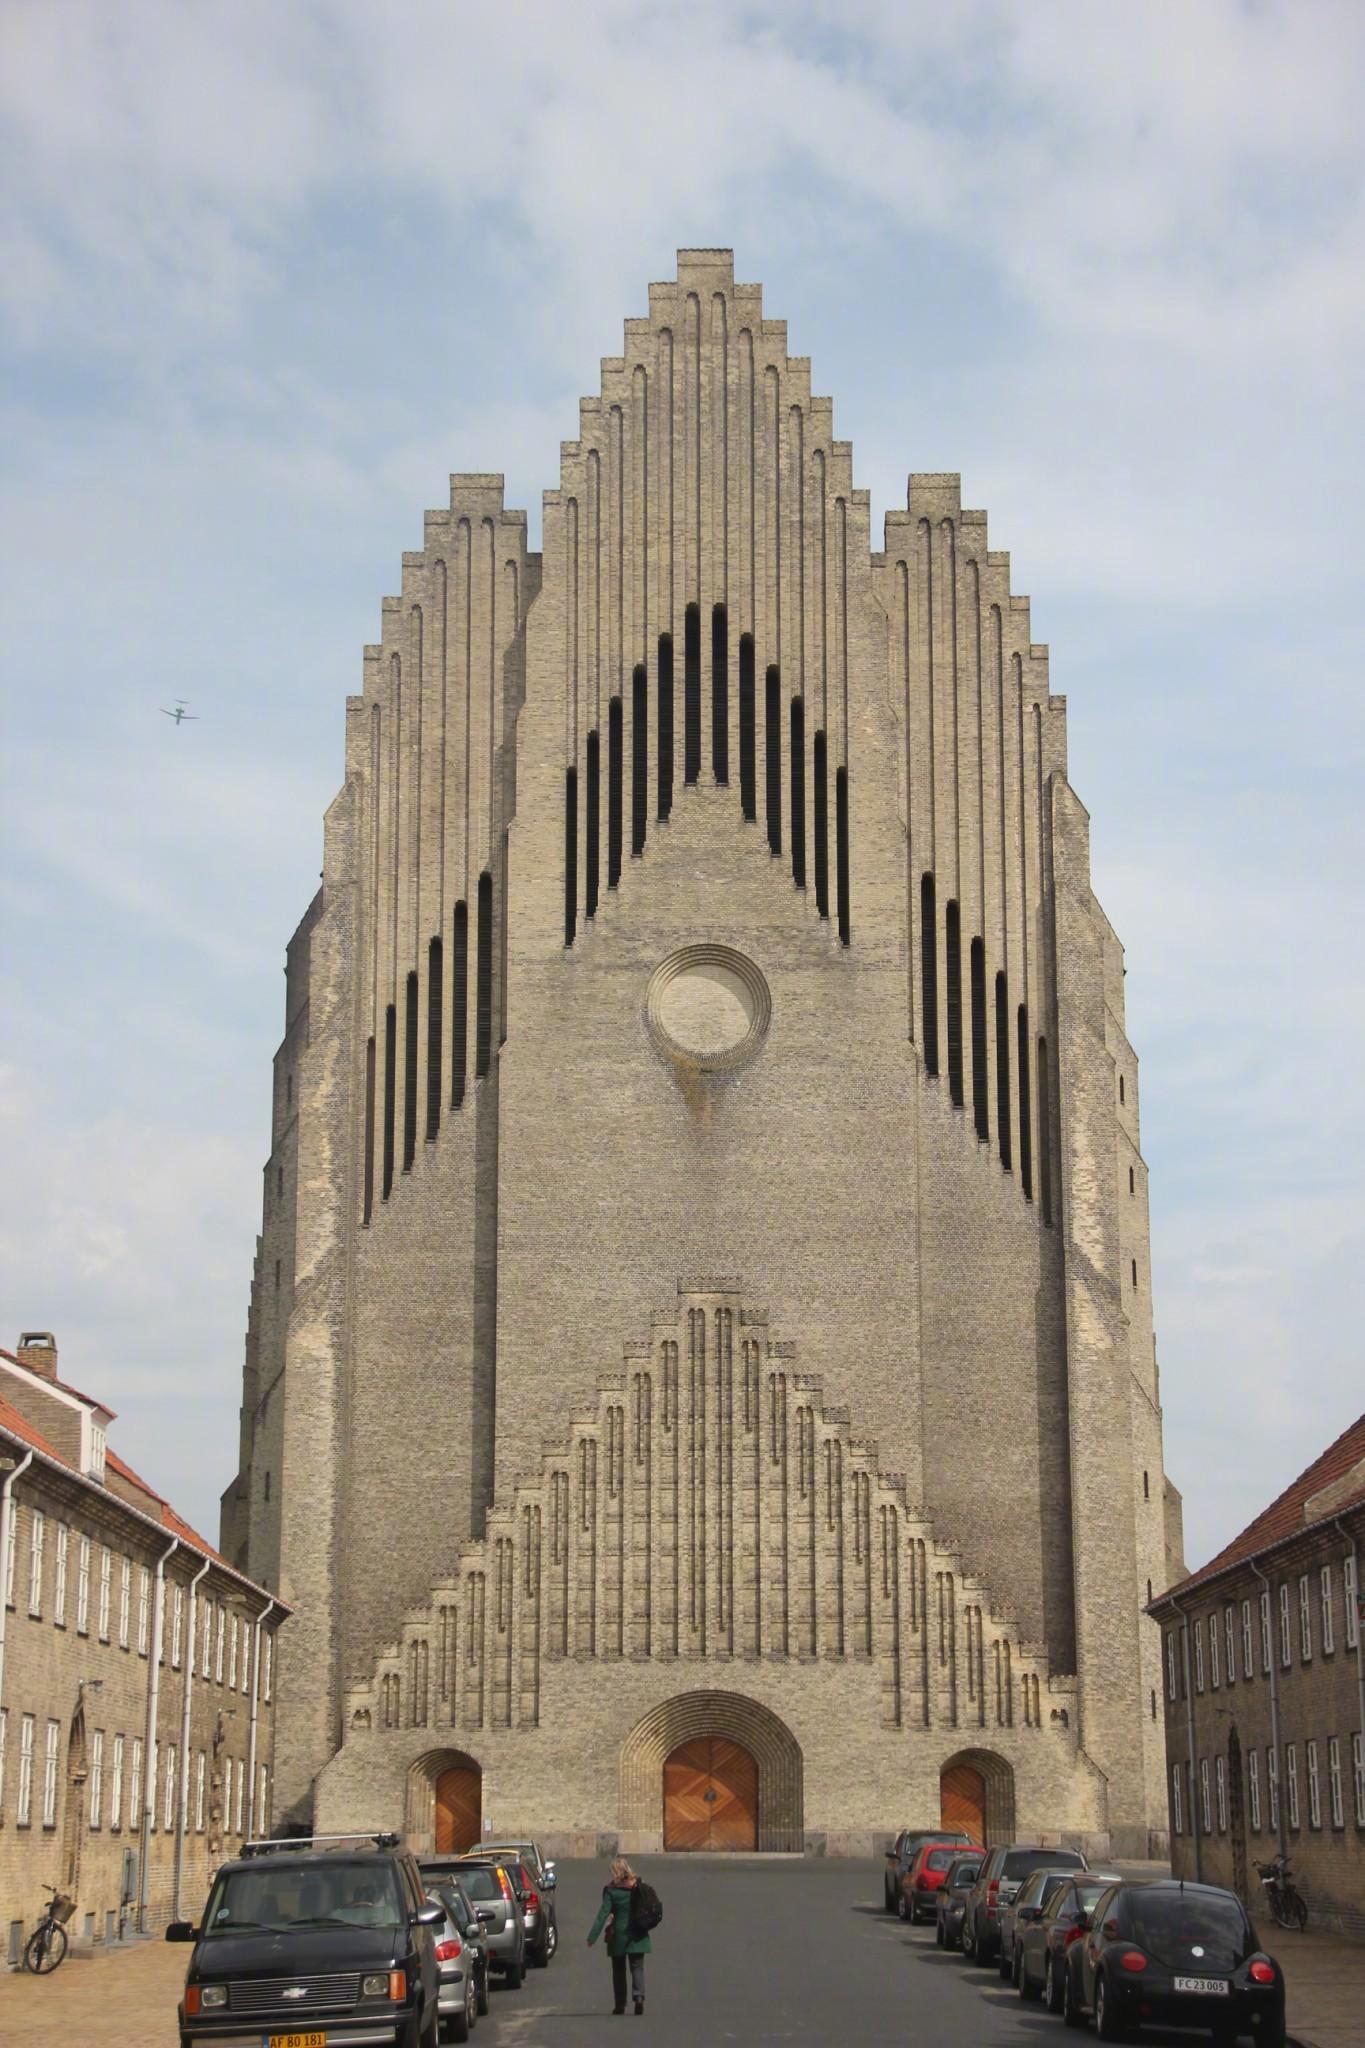 管风琴教堂,位于丹麦哥本哈根,是世界少有的表现主义风格的建筑